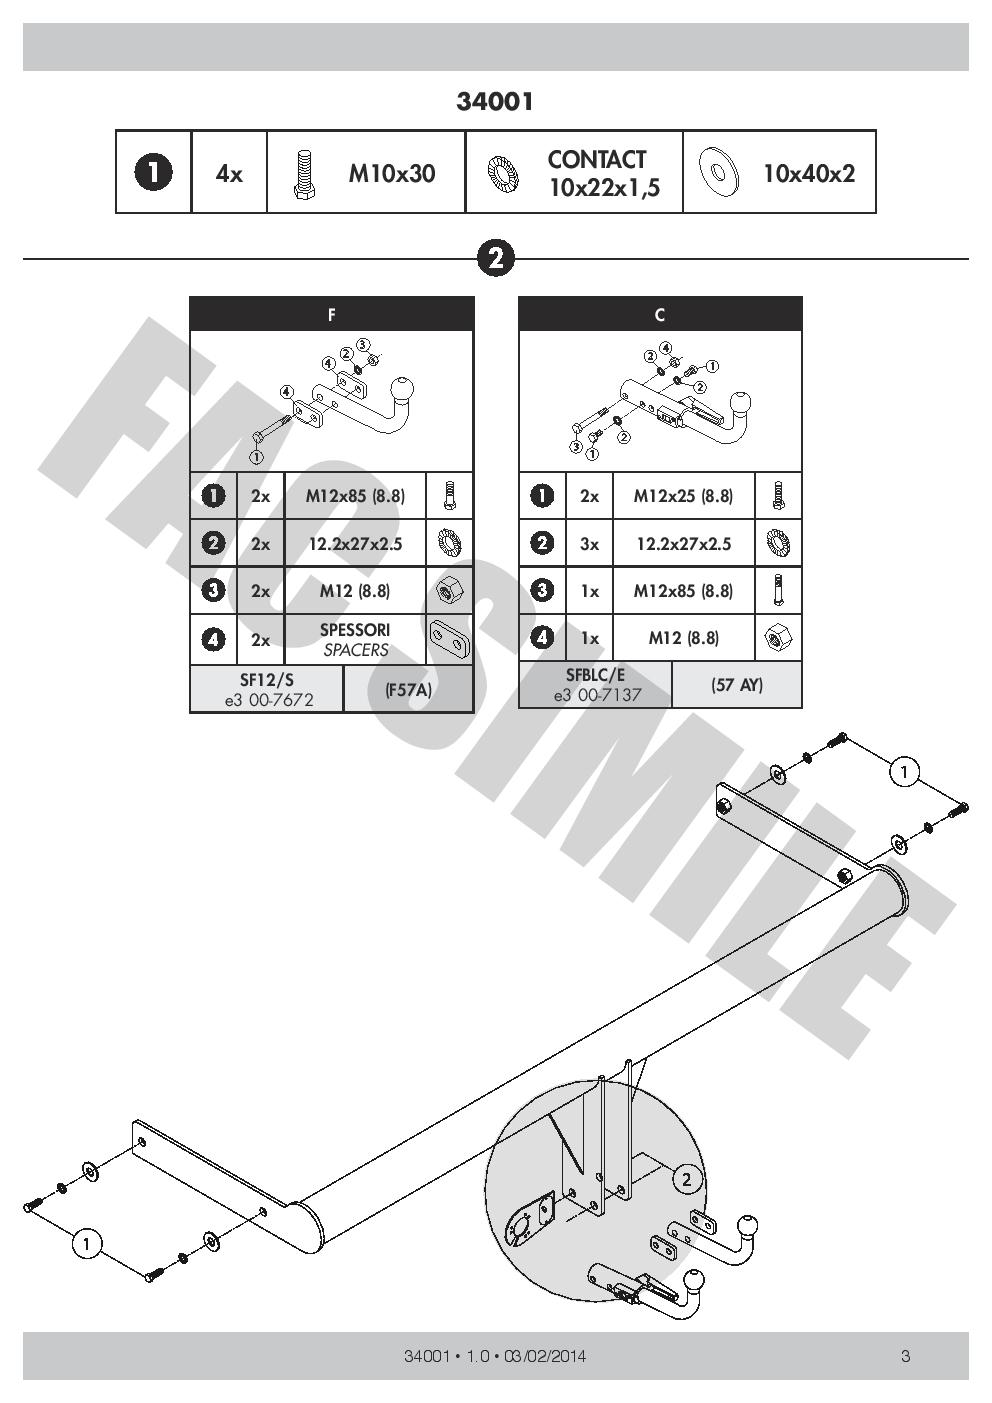 Detach-Towbar-7pin-Bypass-Relay-for-Skoda-OCTAVIA-